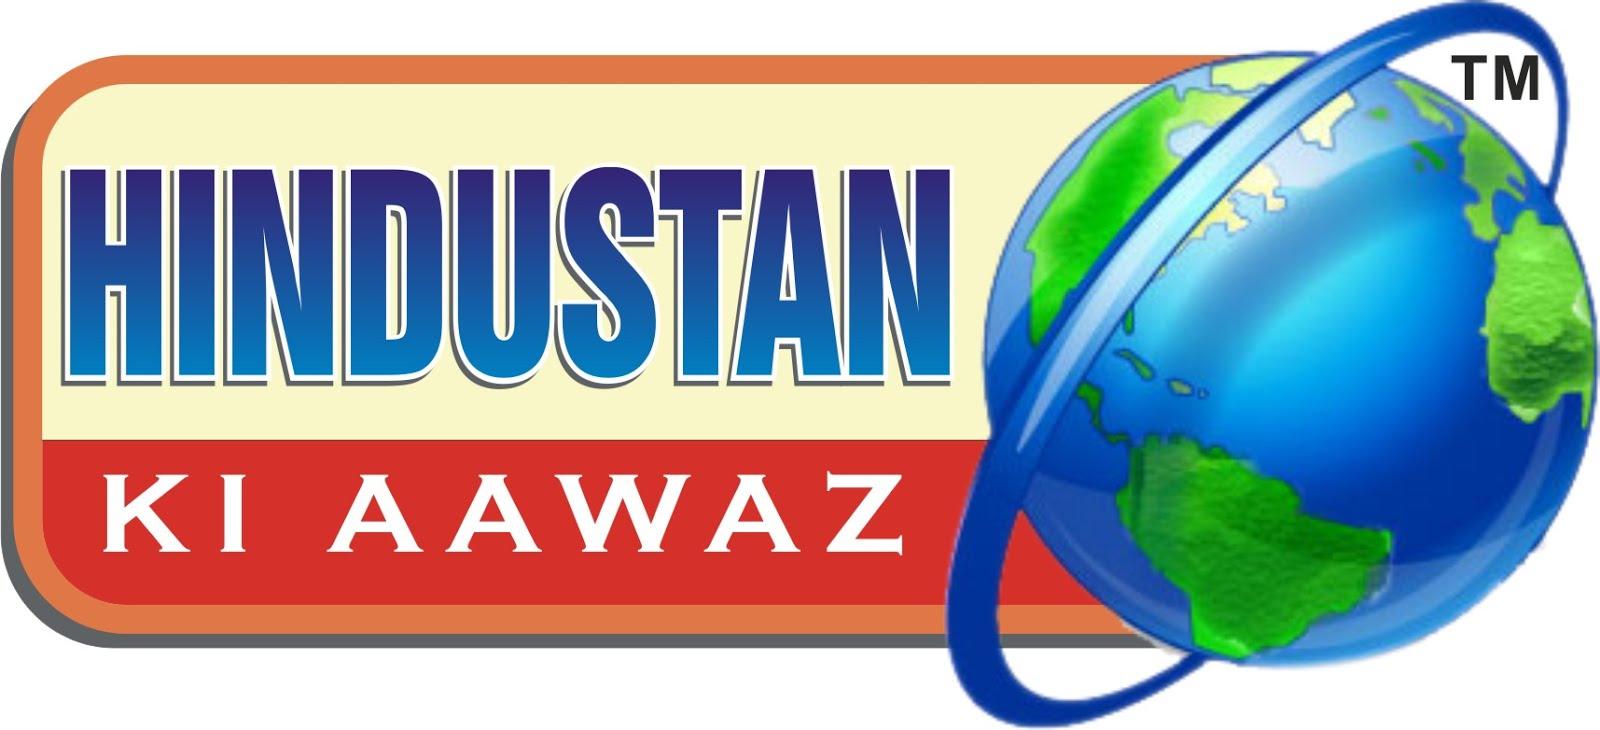 Hindustan Ki Aawaz